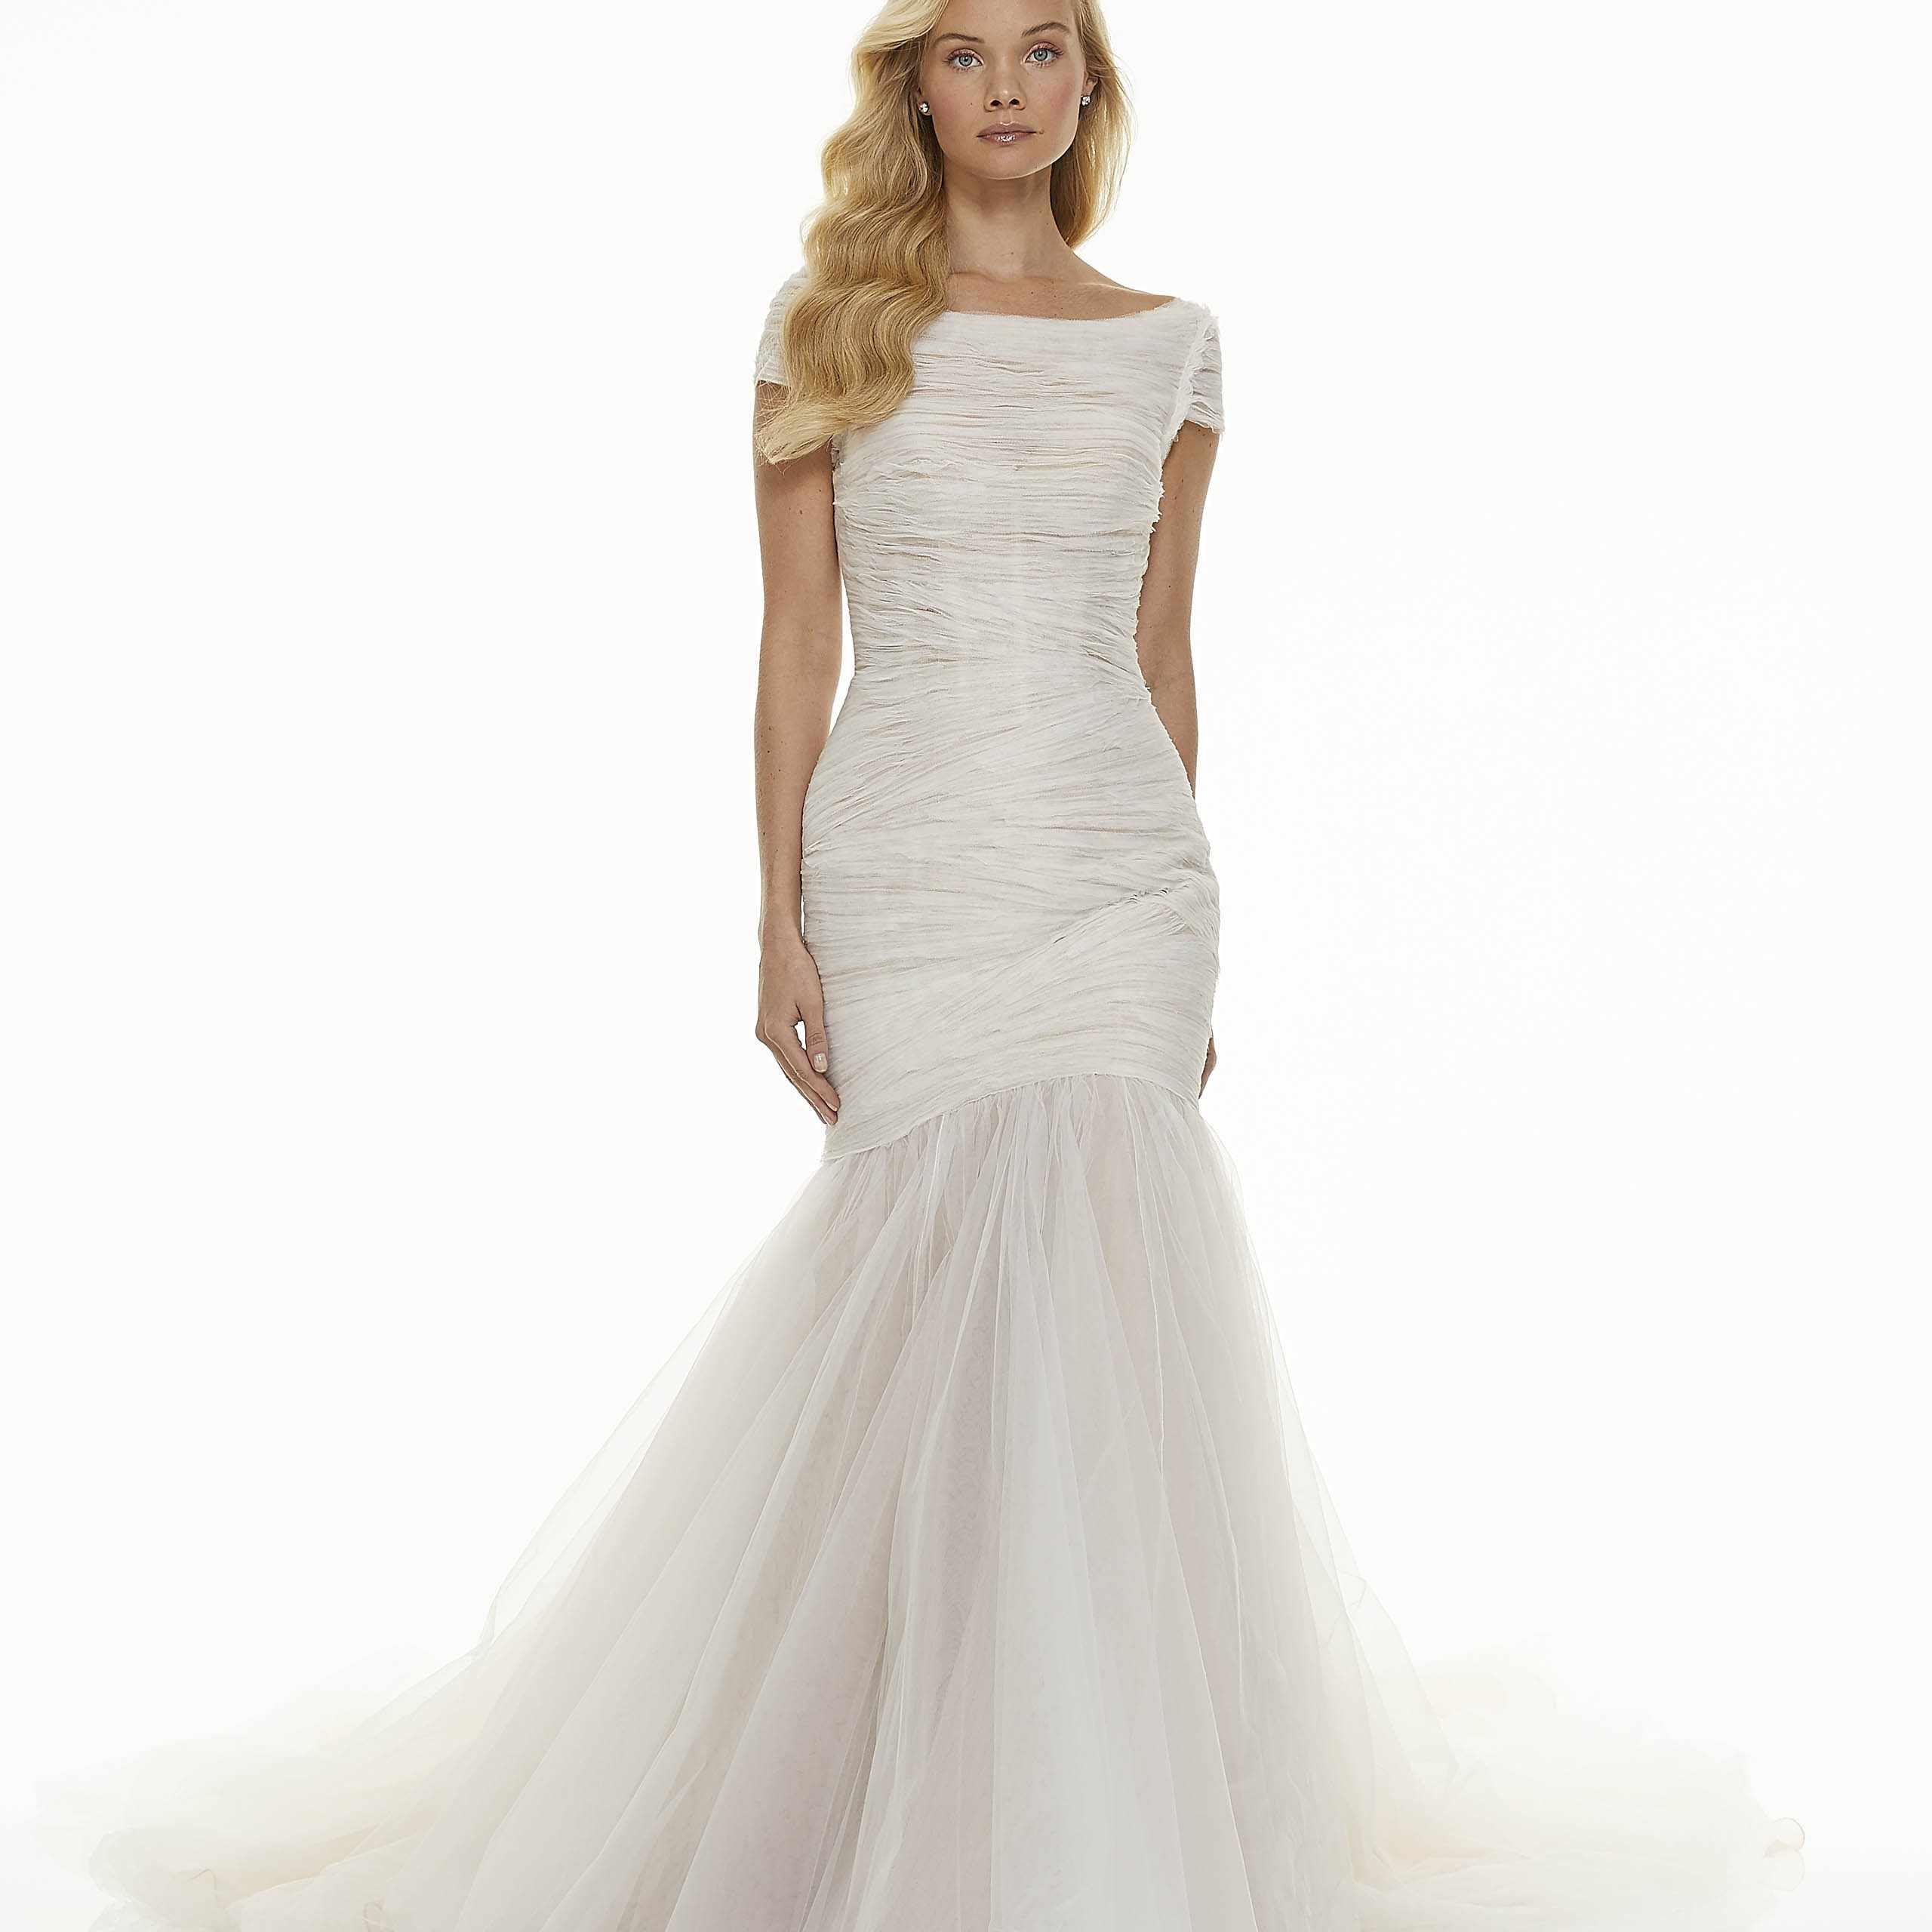 Model in bateau neckline mermaid wedding dress